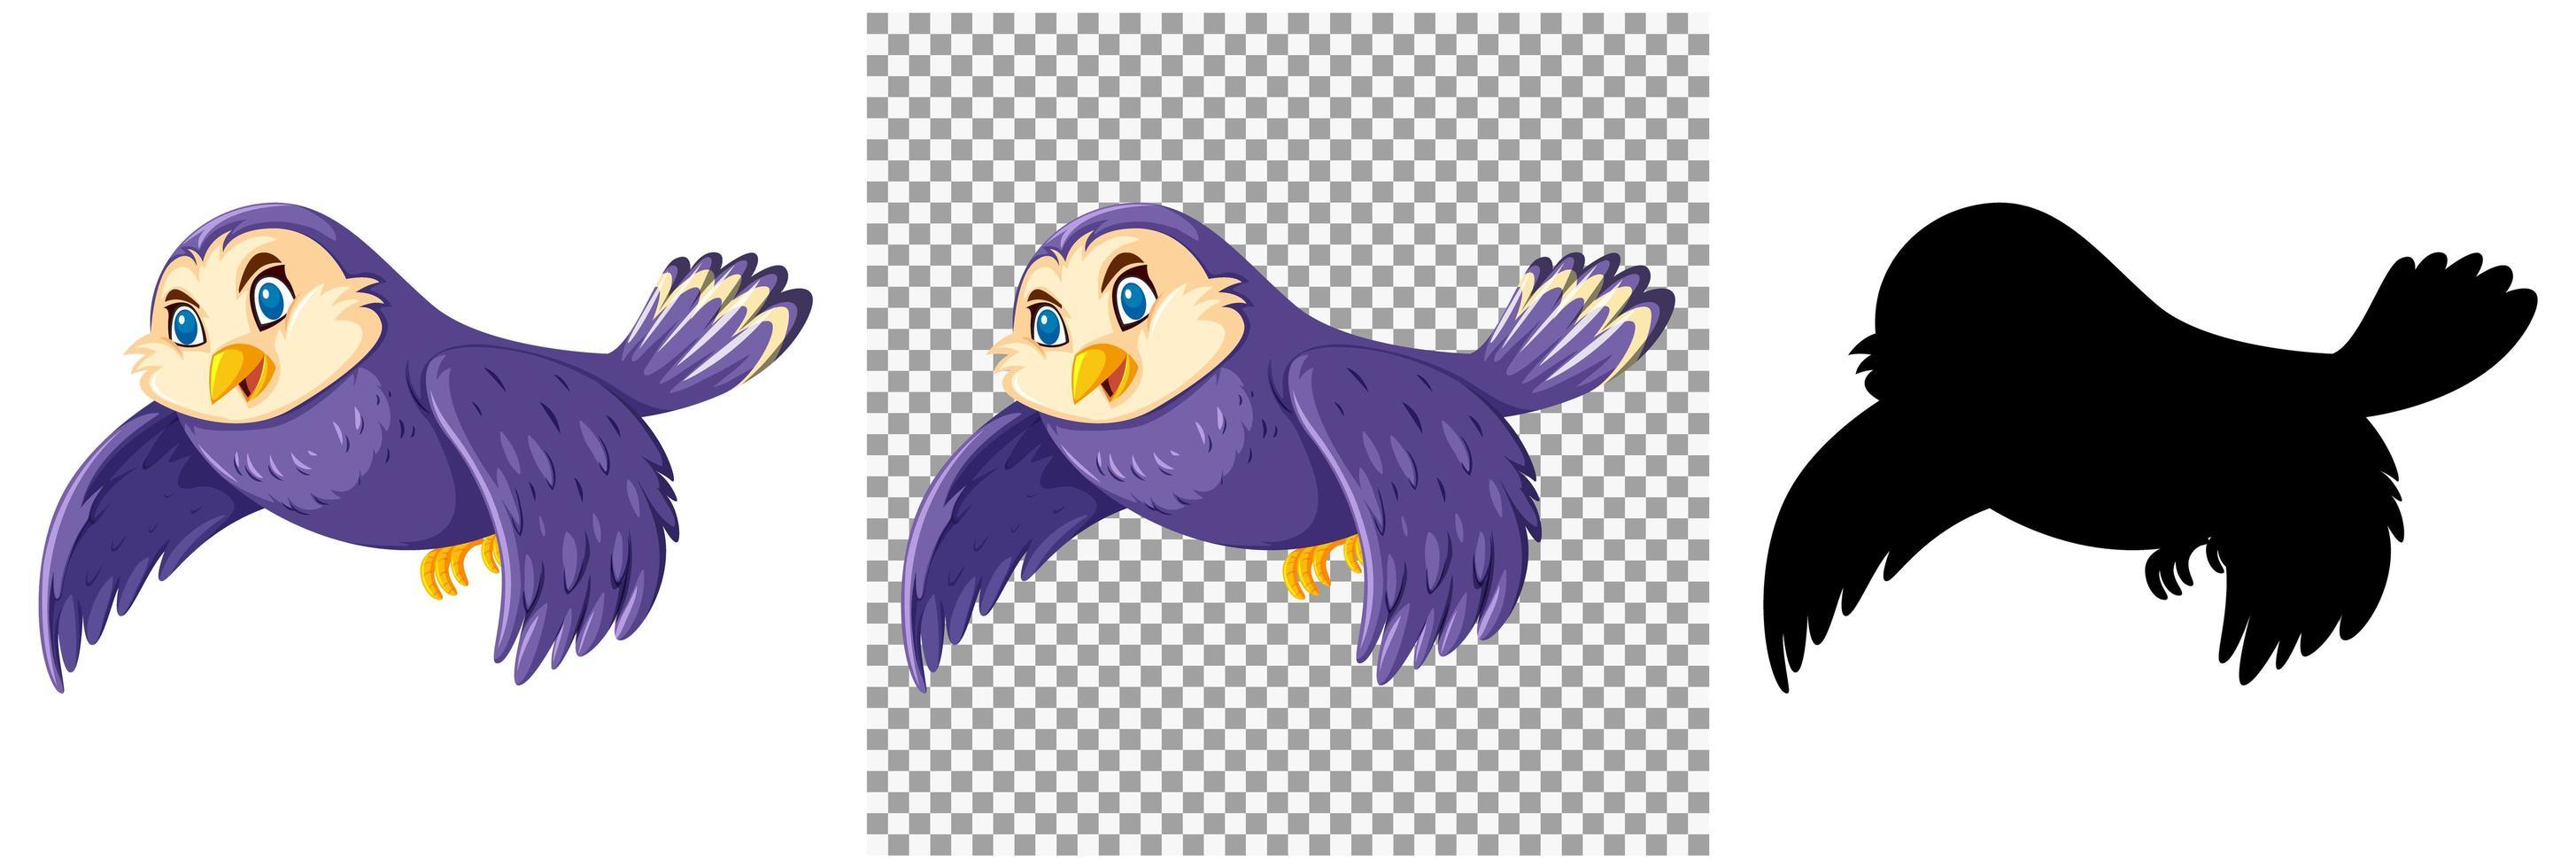 söt lila fågel seriefigur och silhuett vektor